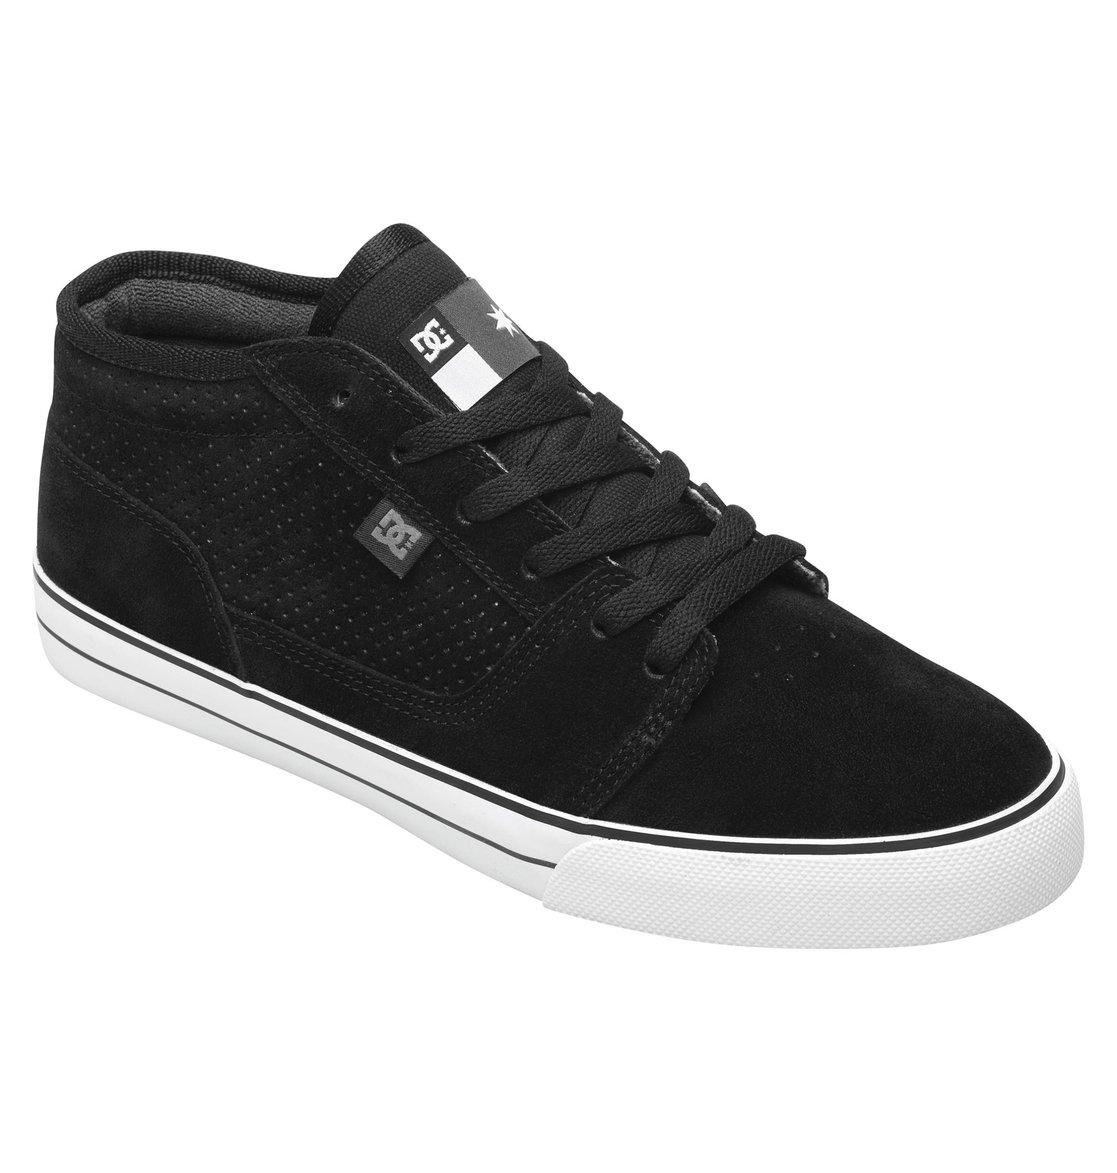 Buy Discount Skate Shoes Dc Shoes Tonik Mid W UK 42